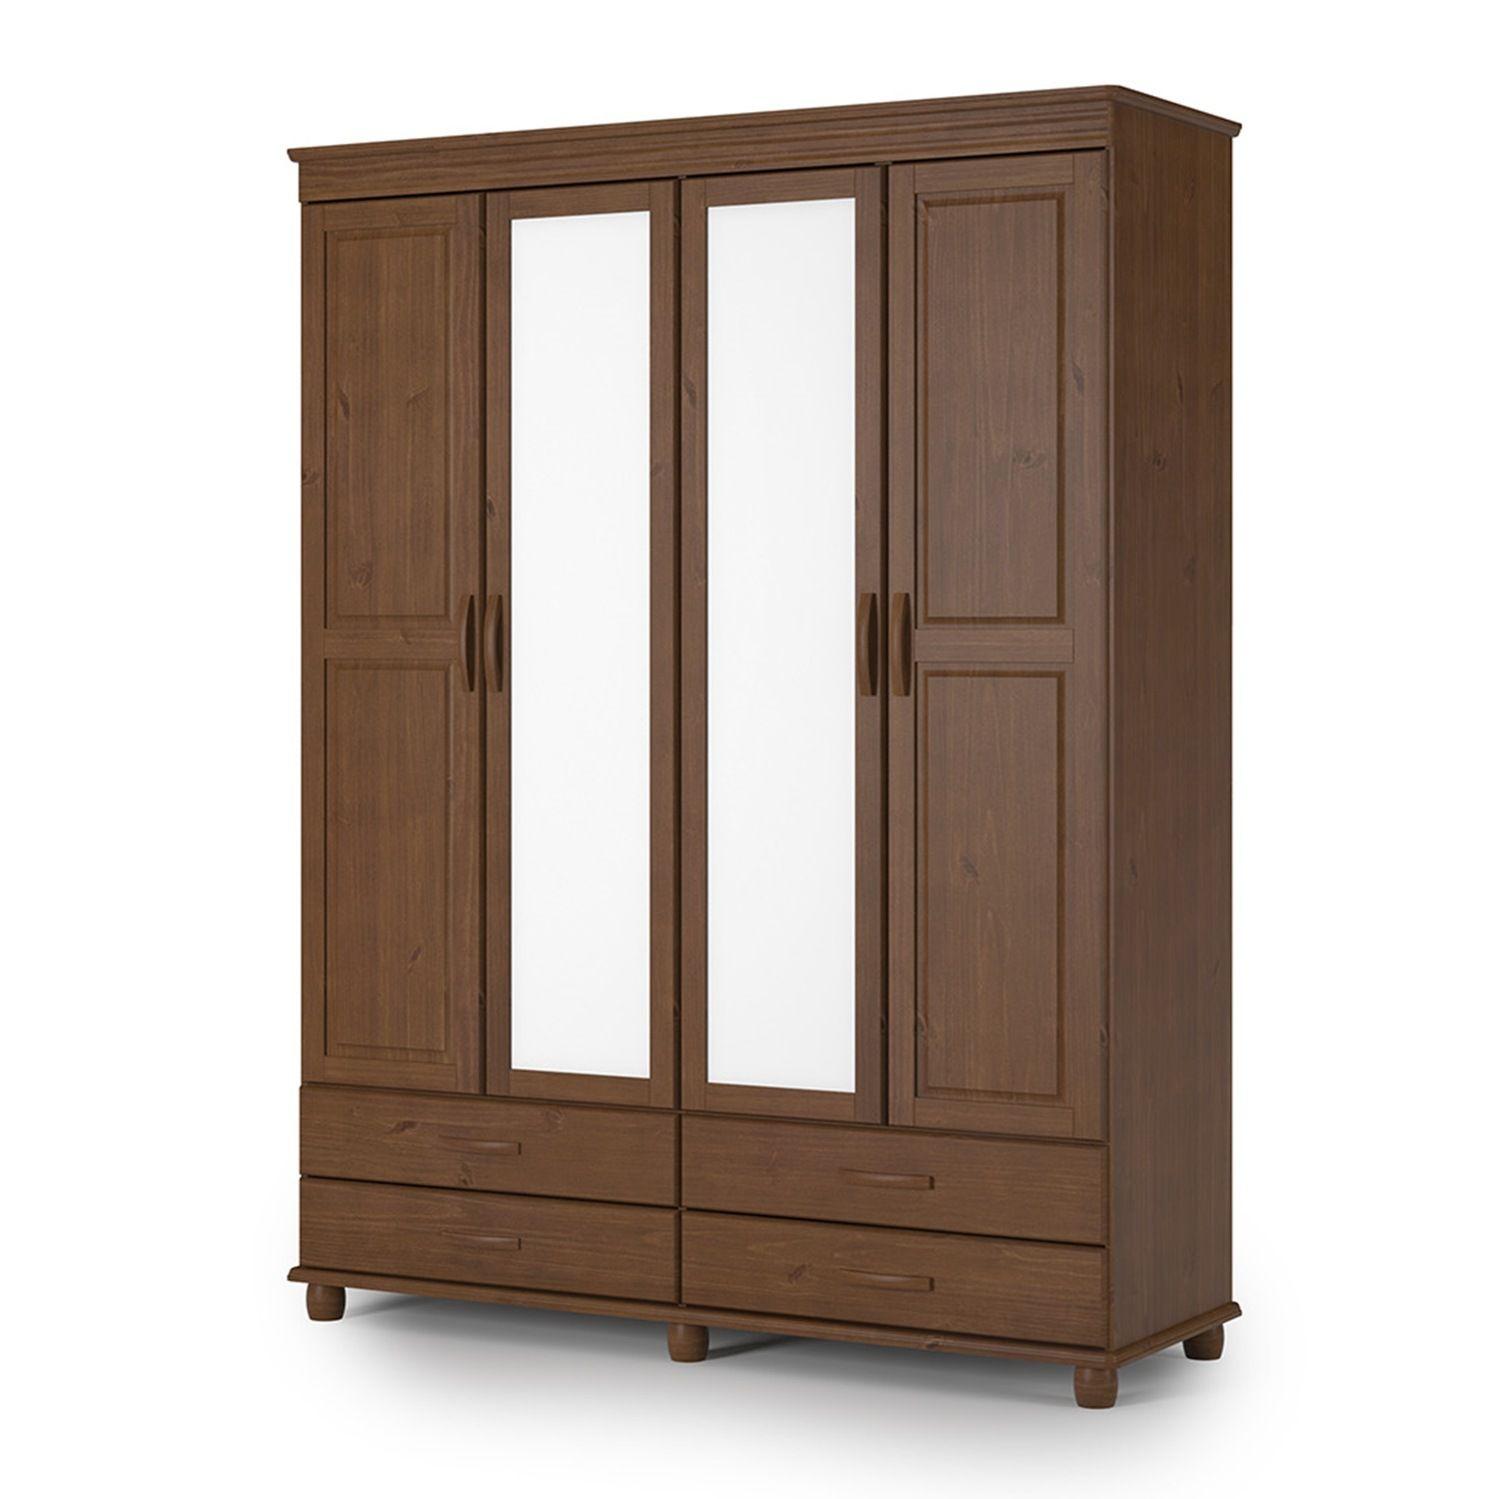 Roupeiro de Casal Sevilha com 4 Portas com Espelho - 4 Gavetas - Cor Capucino